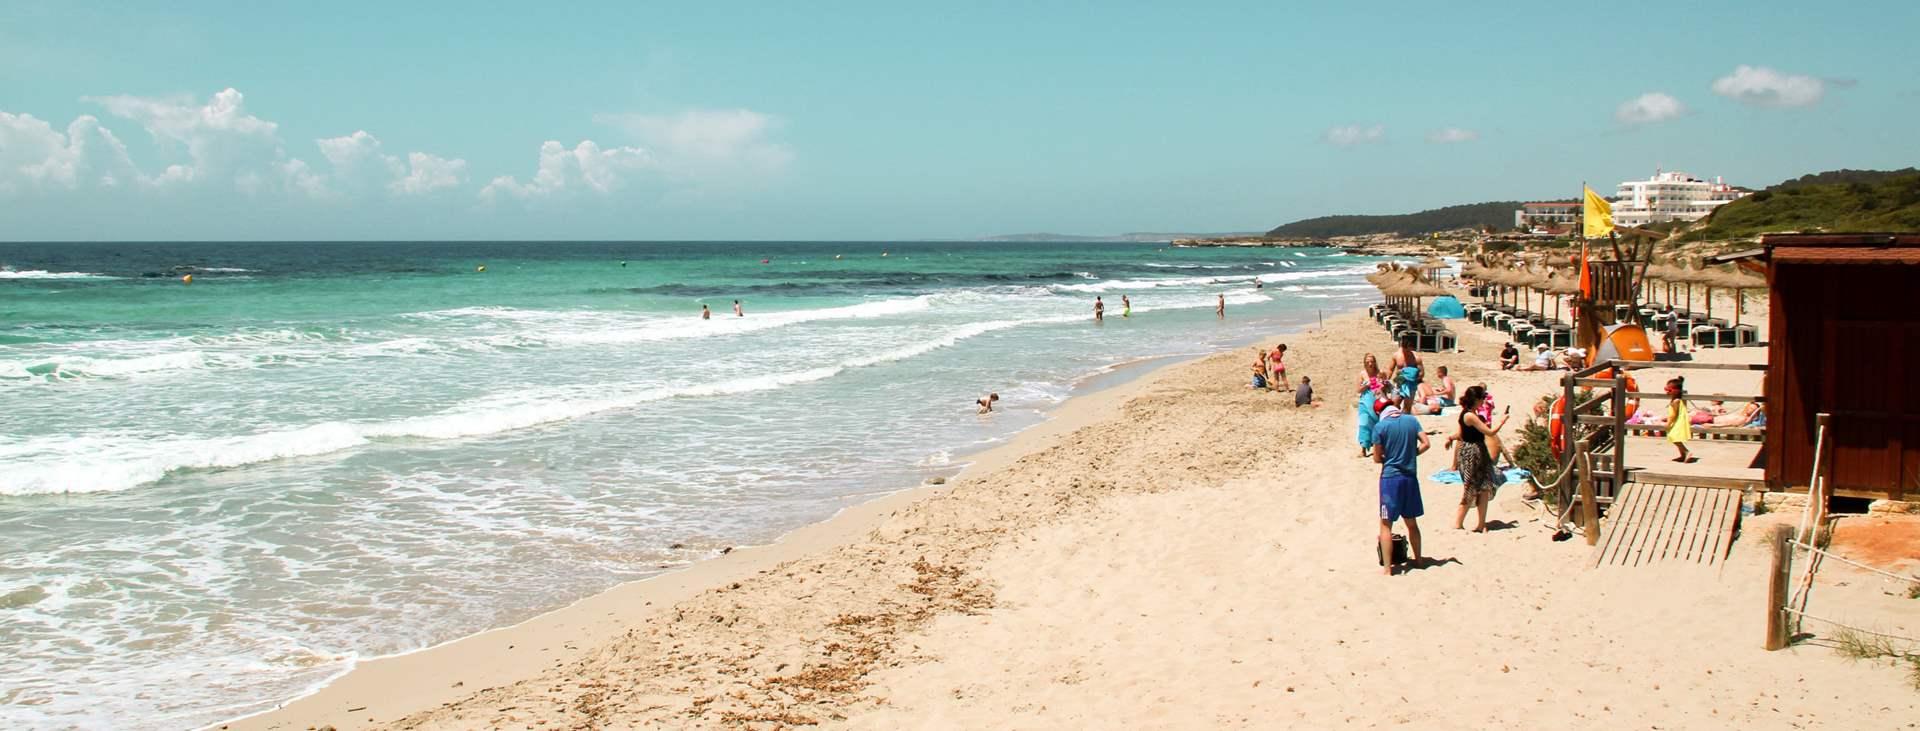 Boka din resa till Santo Tomas på Menorca med Ving